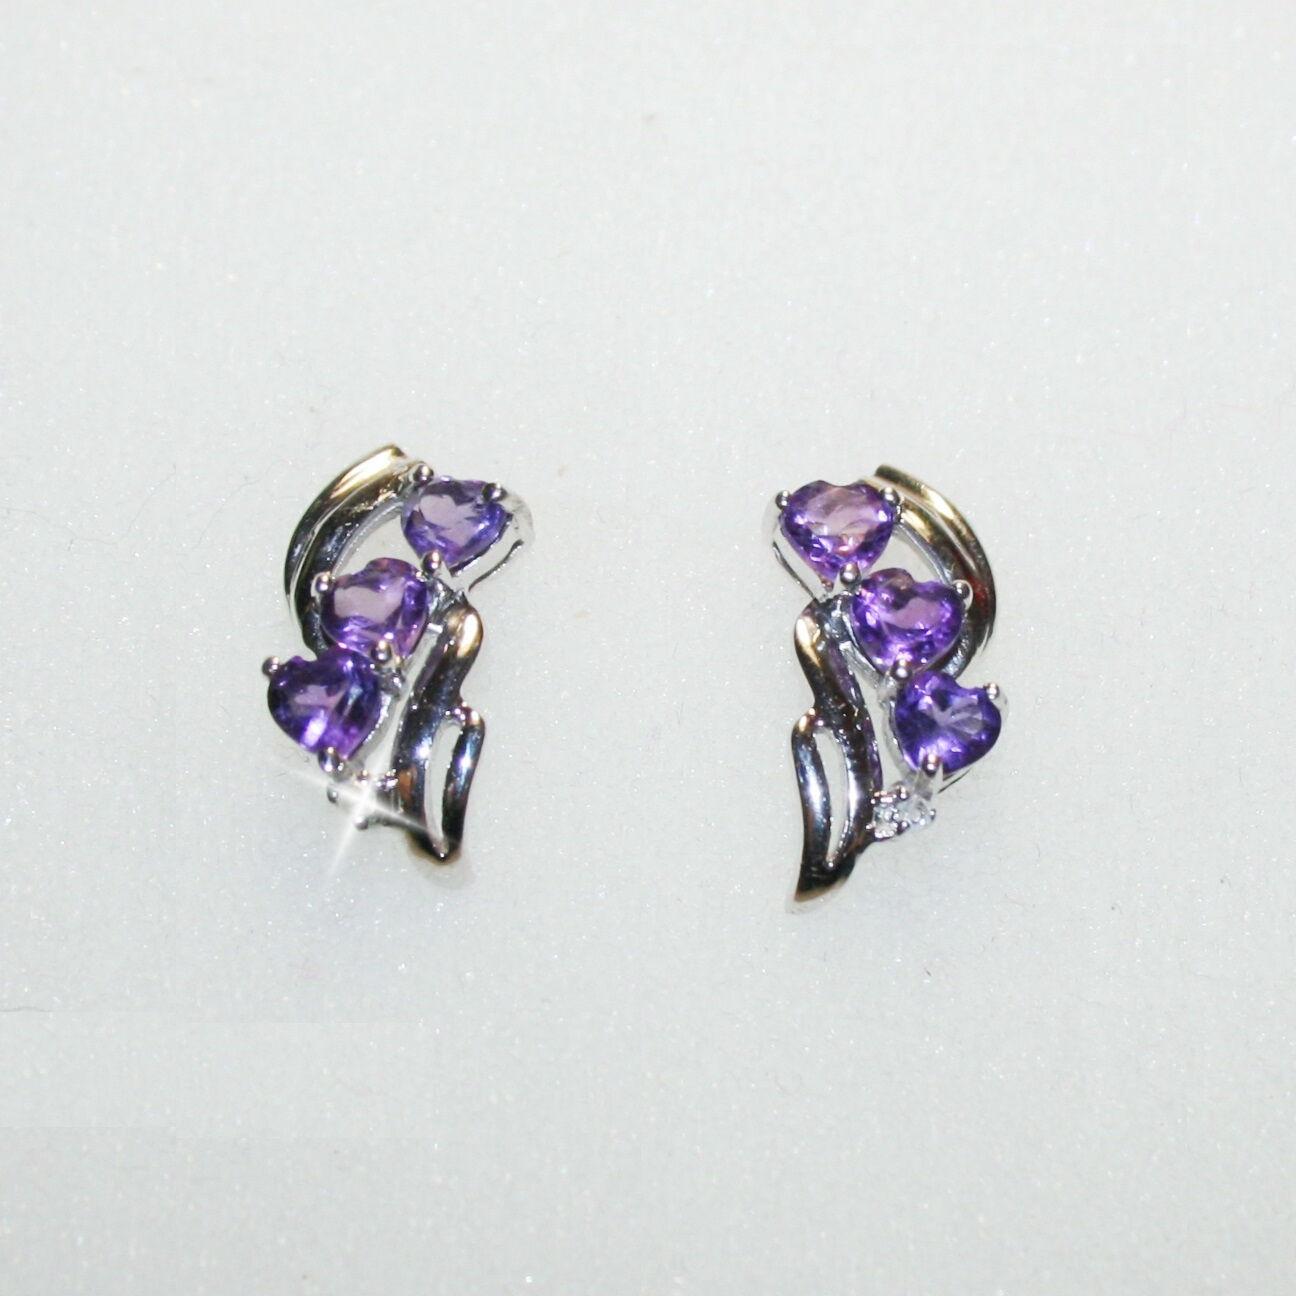 Triple Purple Amethyst Heart Diamond Dangle Earrings 14k White gold Over 925 SS